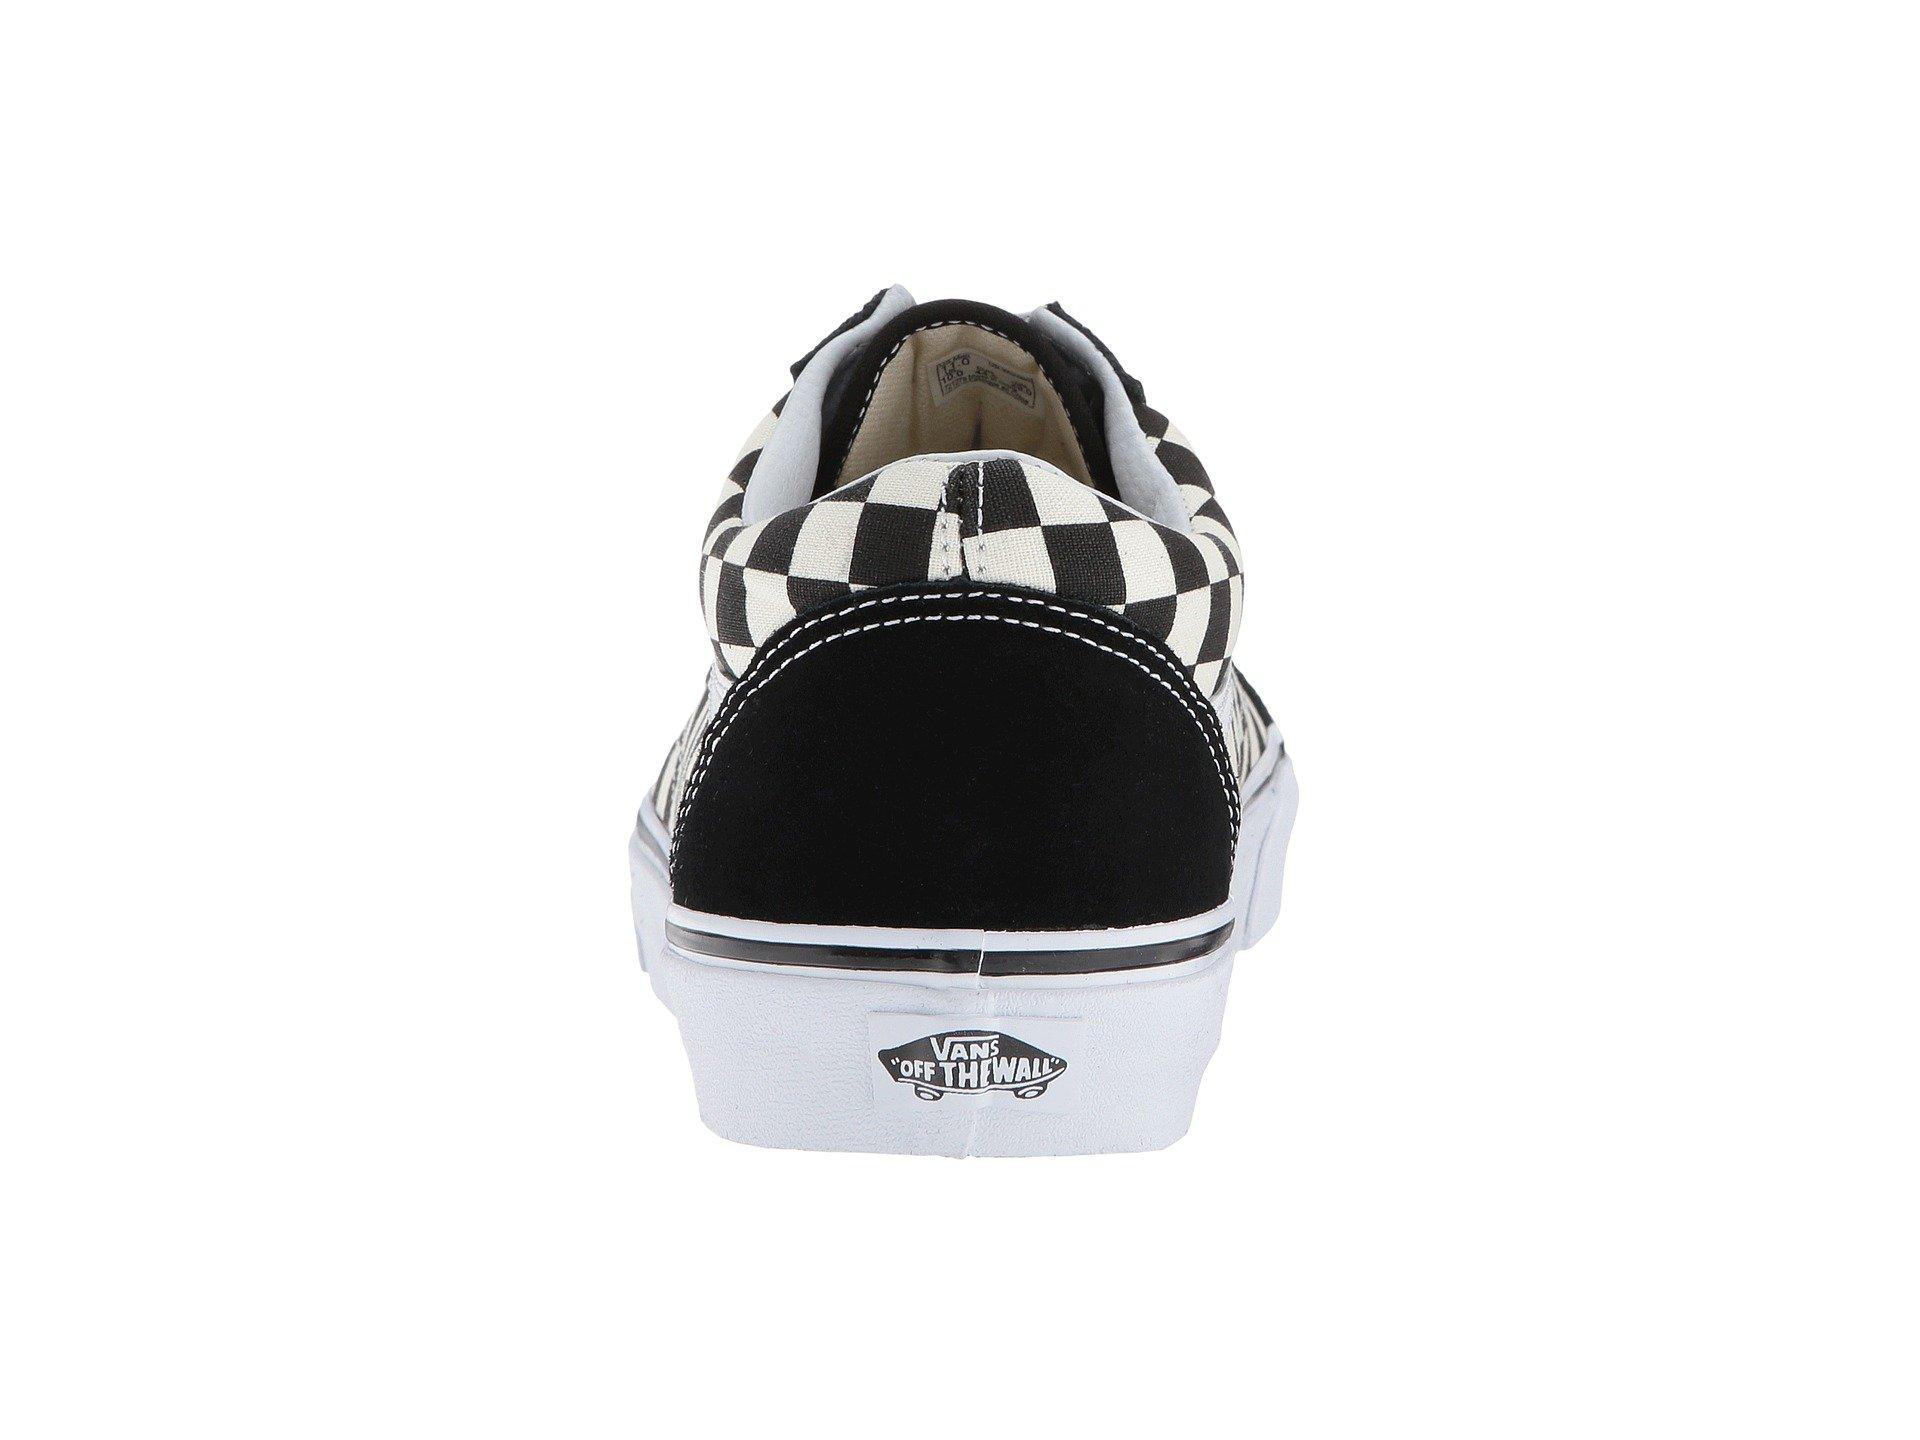 Vans Unisex Checkerboard Old Skool Lite Blk/White Checkerboard Slip-On - 3.5 by Vans (Image #3)